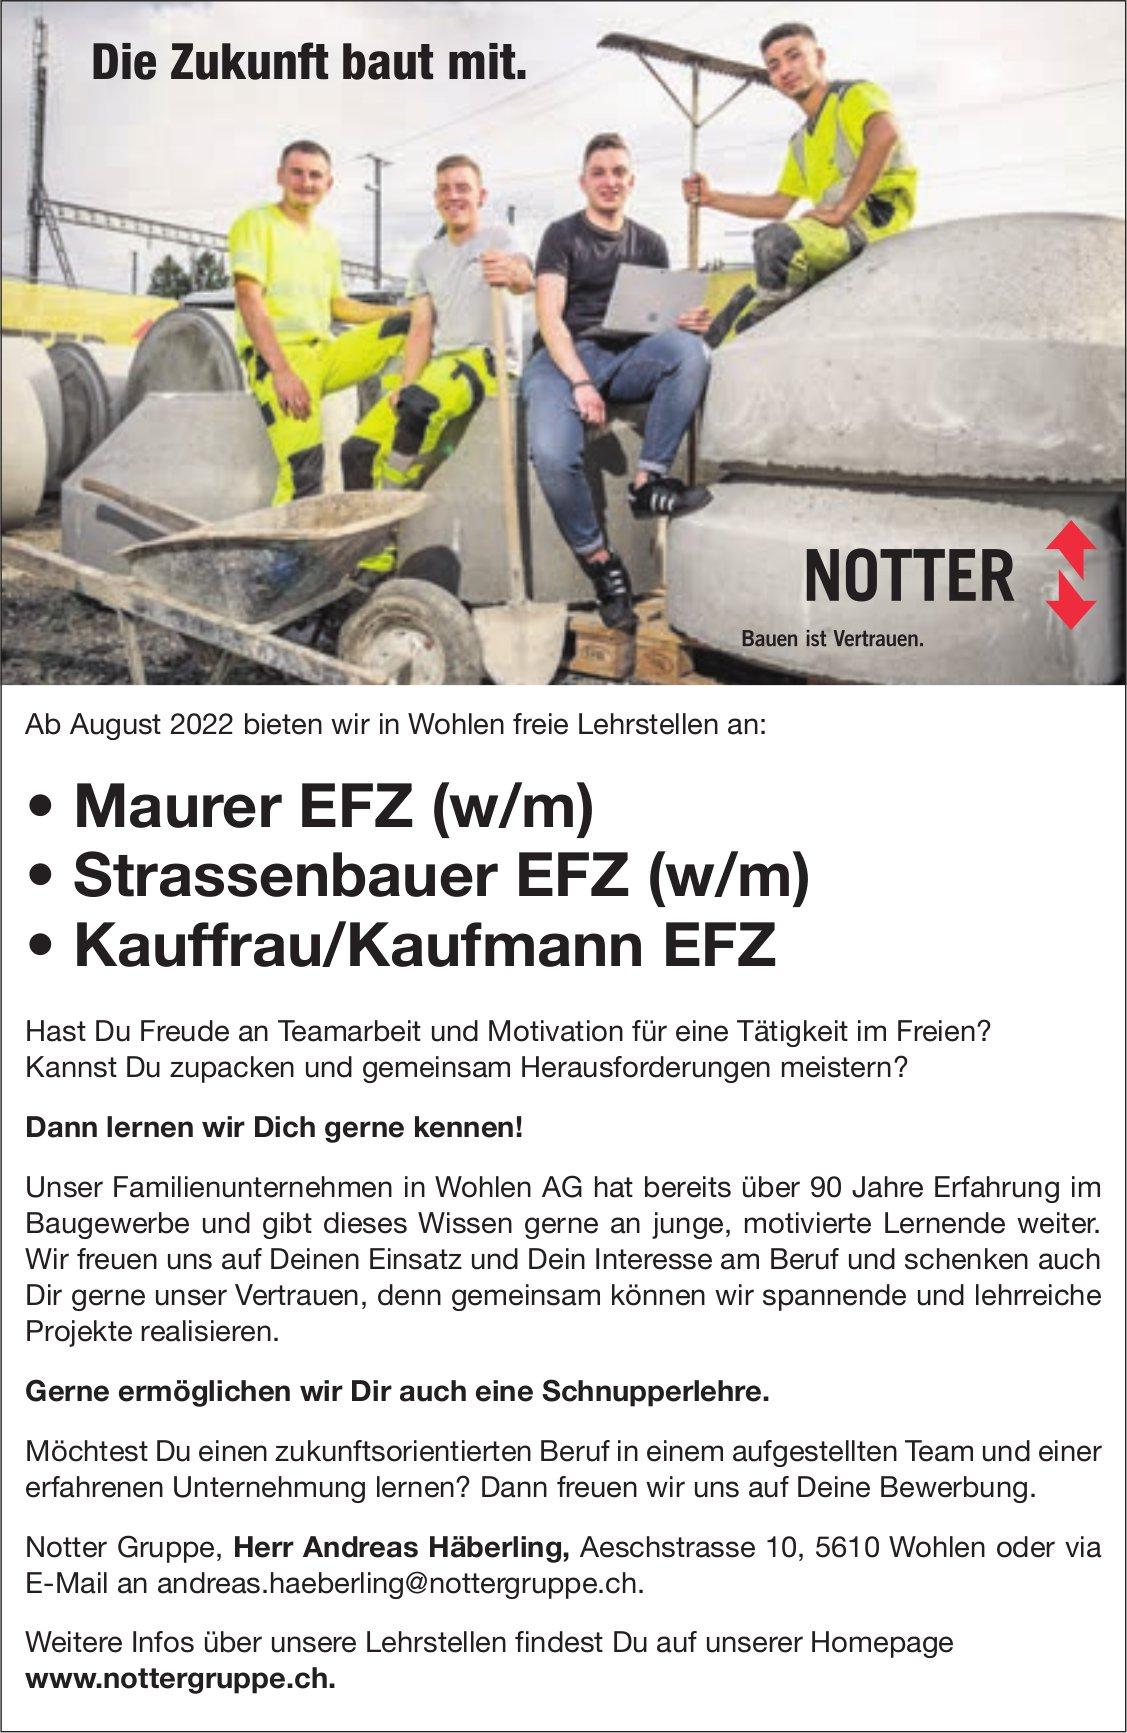 Lehrstellen als Maurer EFZ (w/m), Strassenbauer EFZ (w/m) und Kauffrau/Kaufmann EFZ, Notter Gruppe, Wohlen,  zu vergeben